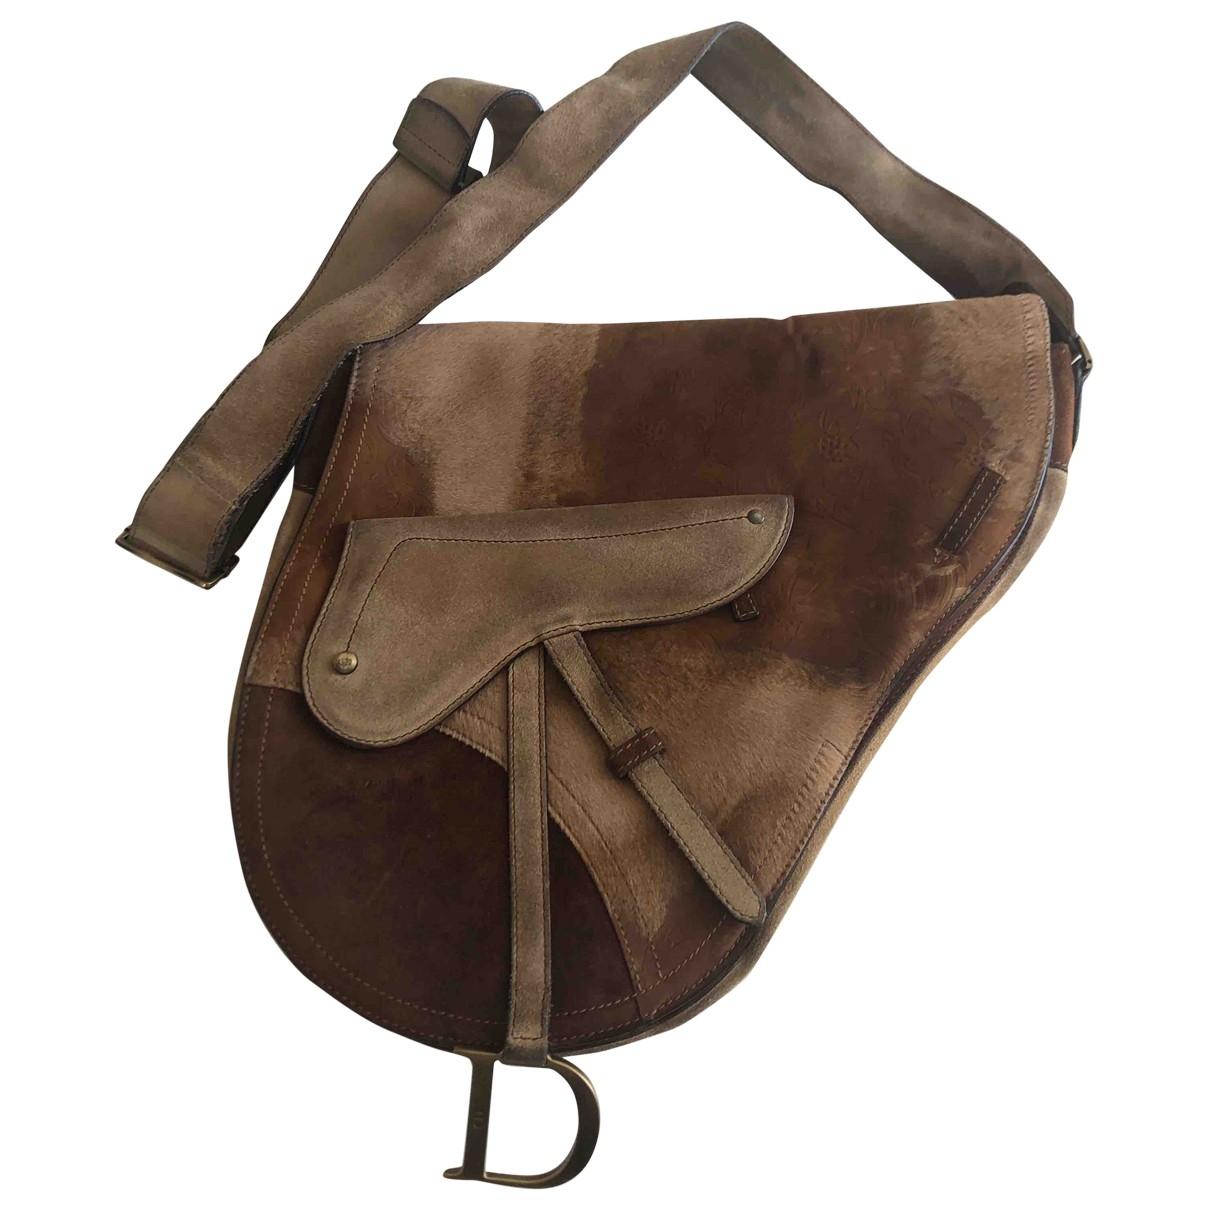 Dior - Sac a main Saddle pour femme en veau facon poulain